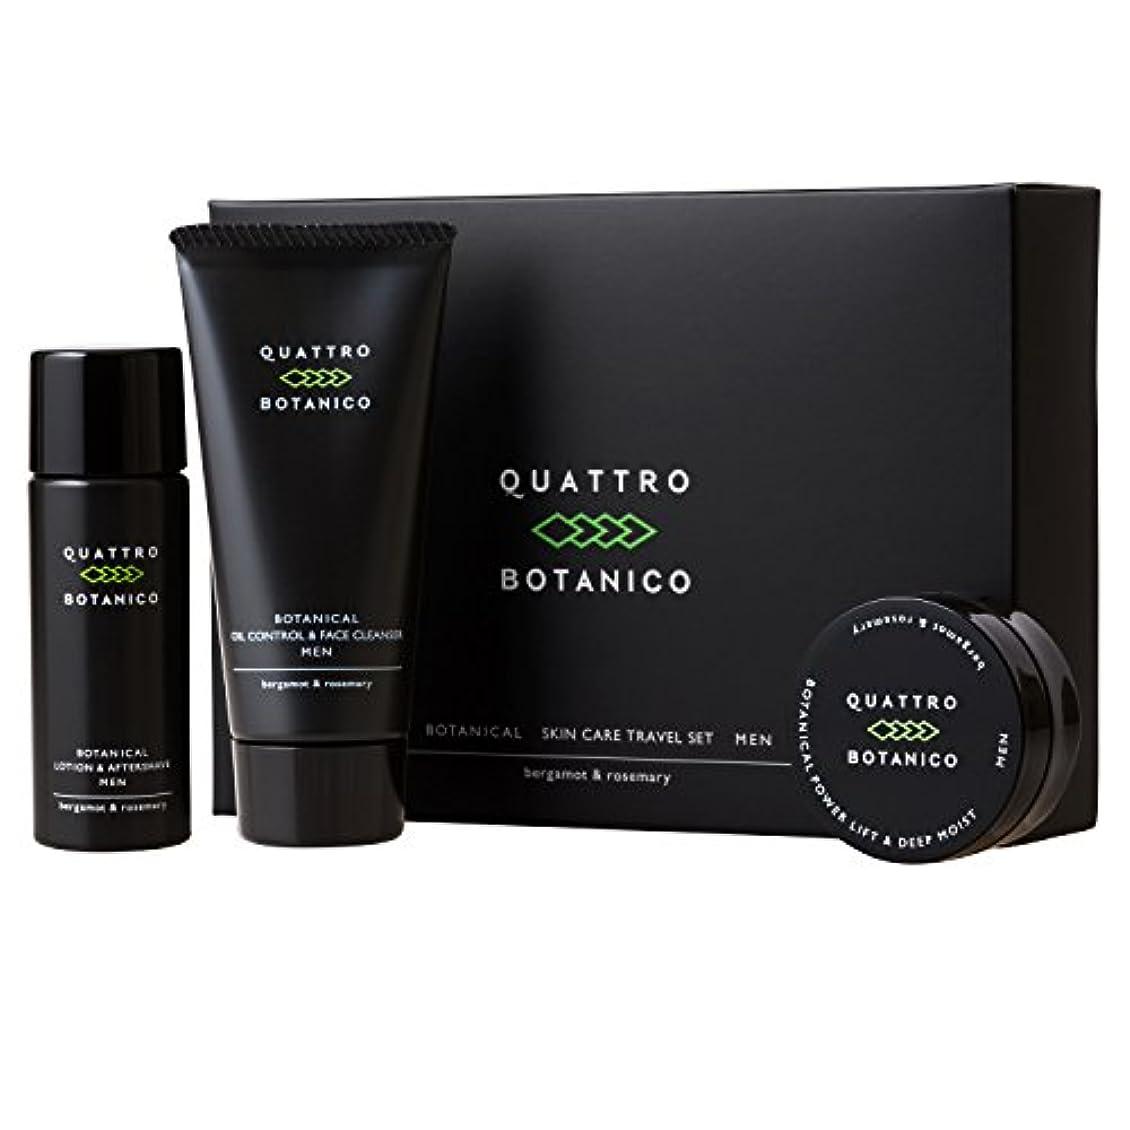 ミンチかんたん通信するクワトロボタニコ (QUATTRO BOTANICO) 【 メンズ 化粧品 】 ボタニカル スキンケア トラベル セット (洗顔 化粧水 クリーム) 男性用 2週間分 保湿